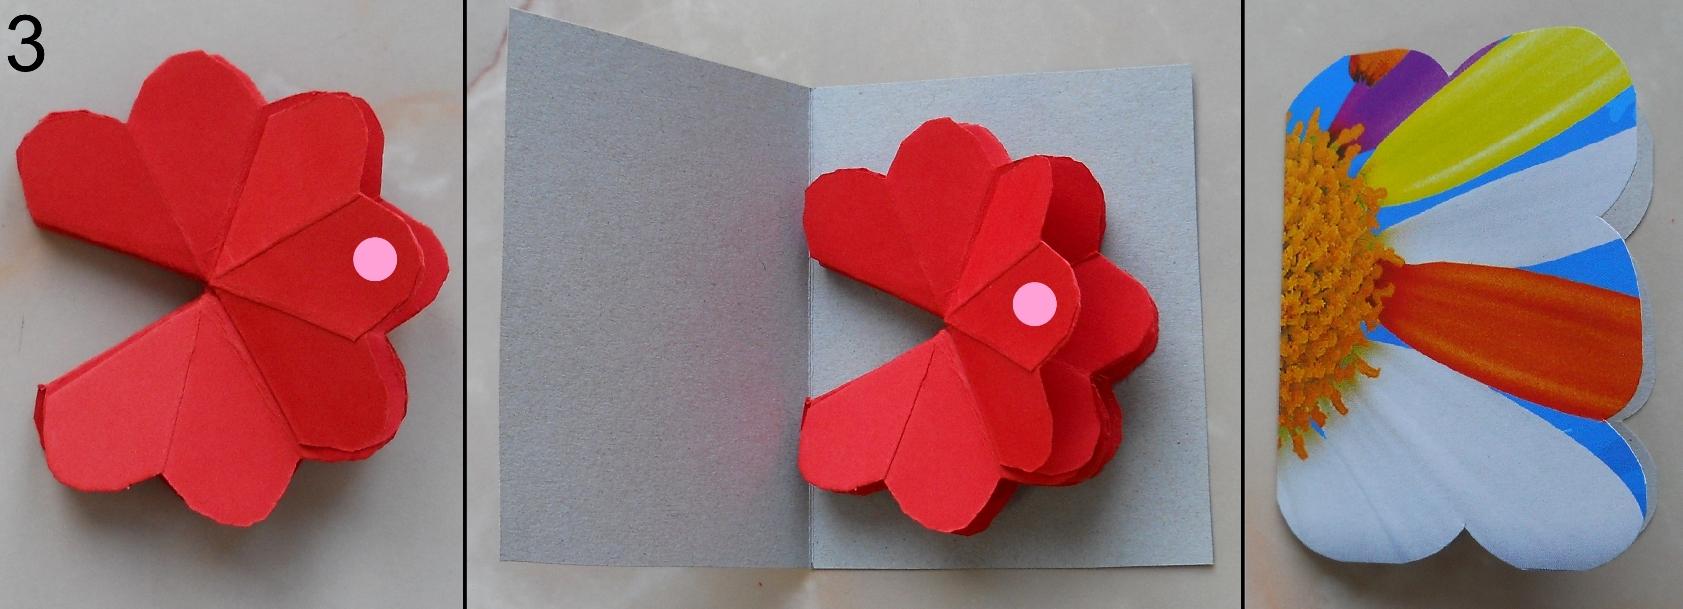 Открытка внутри с цветком оригами, мама смешные картинки